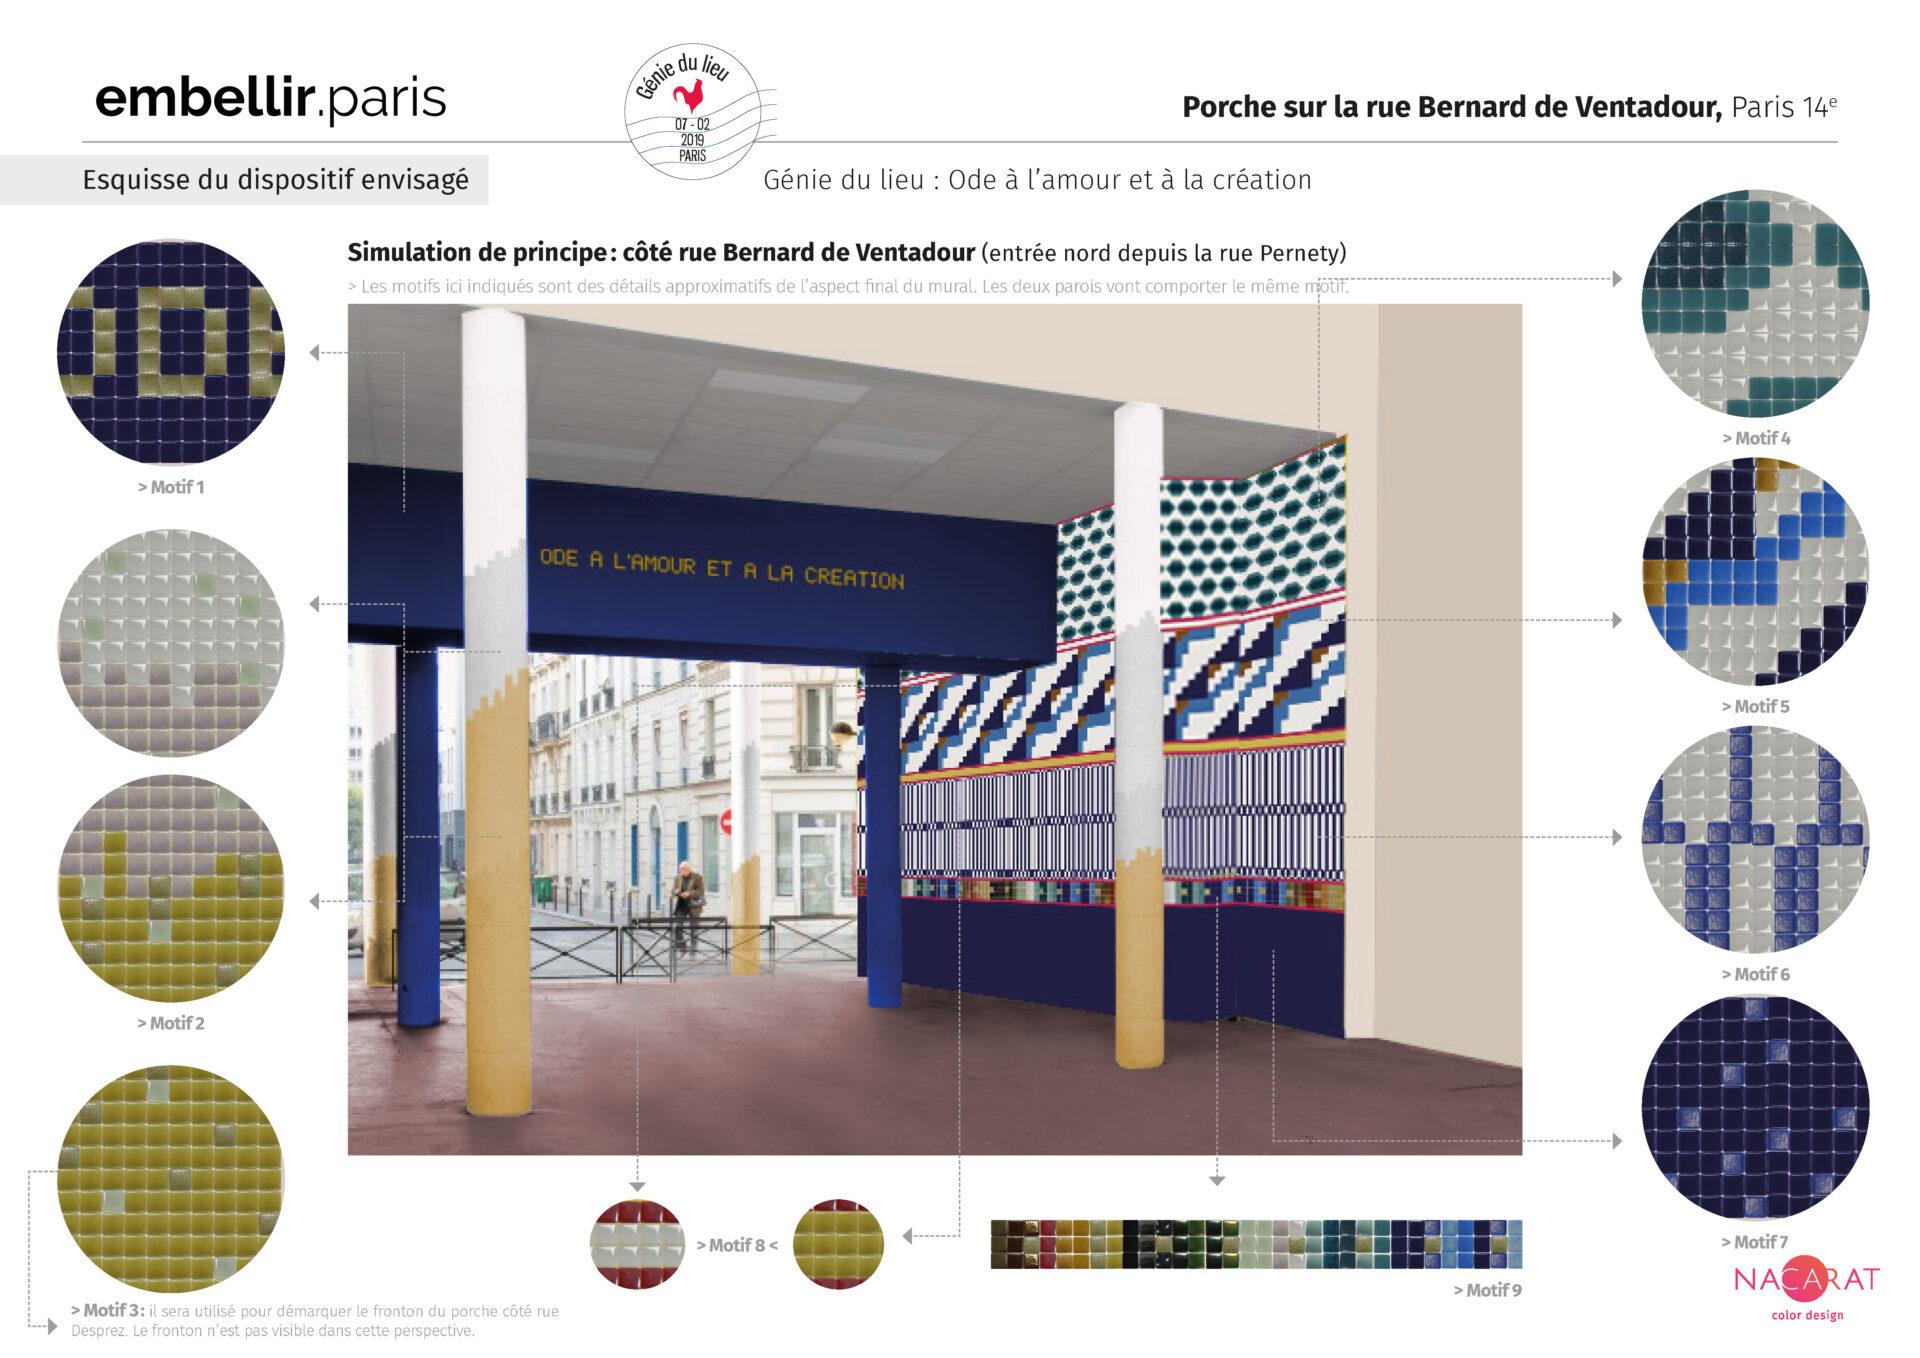 Projet lauréat Embellir Paris - Génie du lieu : ode à l'amour et à la création